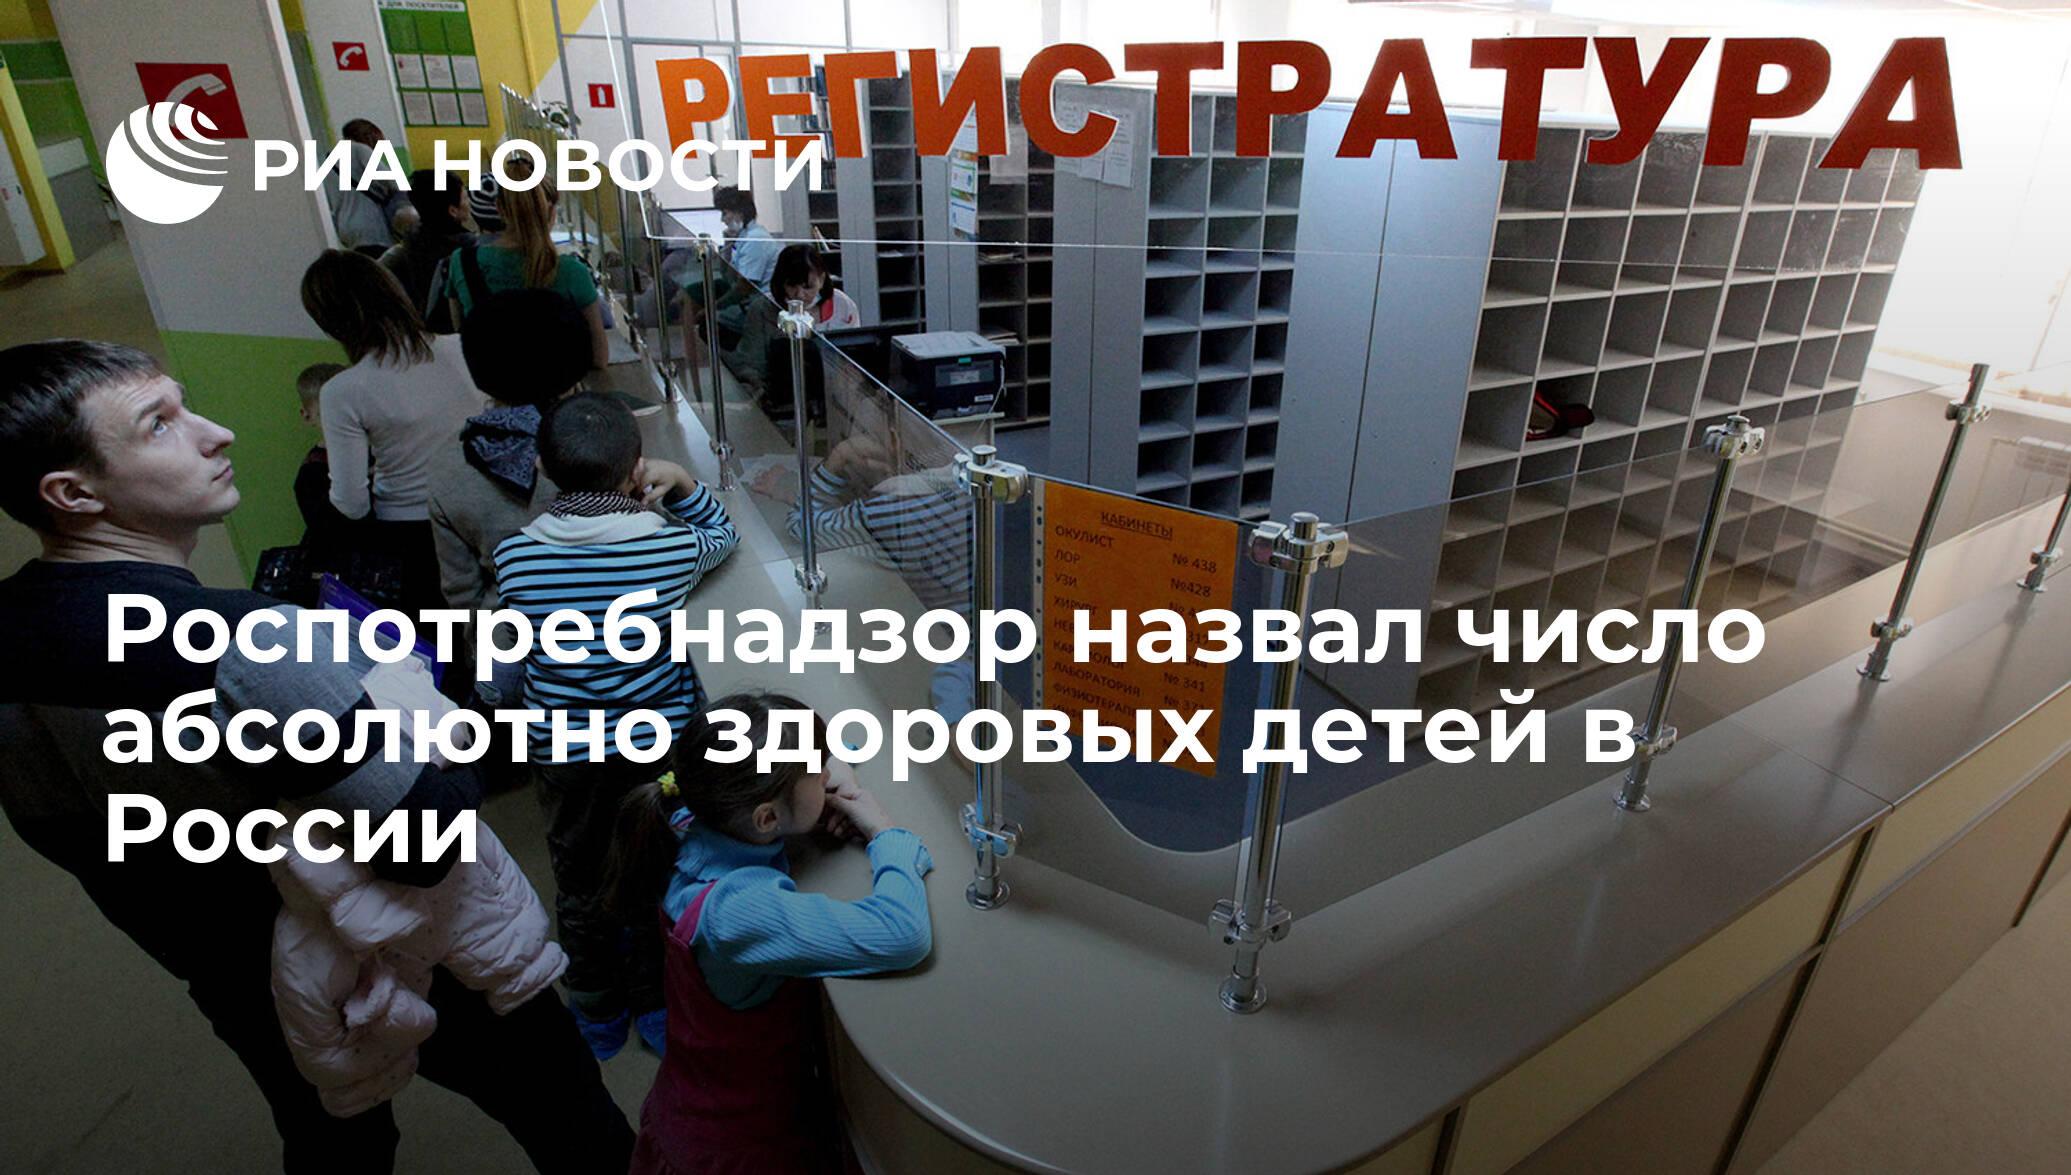 Роспотребнадзор назвал число абсолютно здоровых детей в России